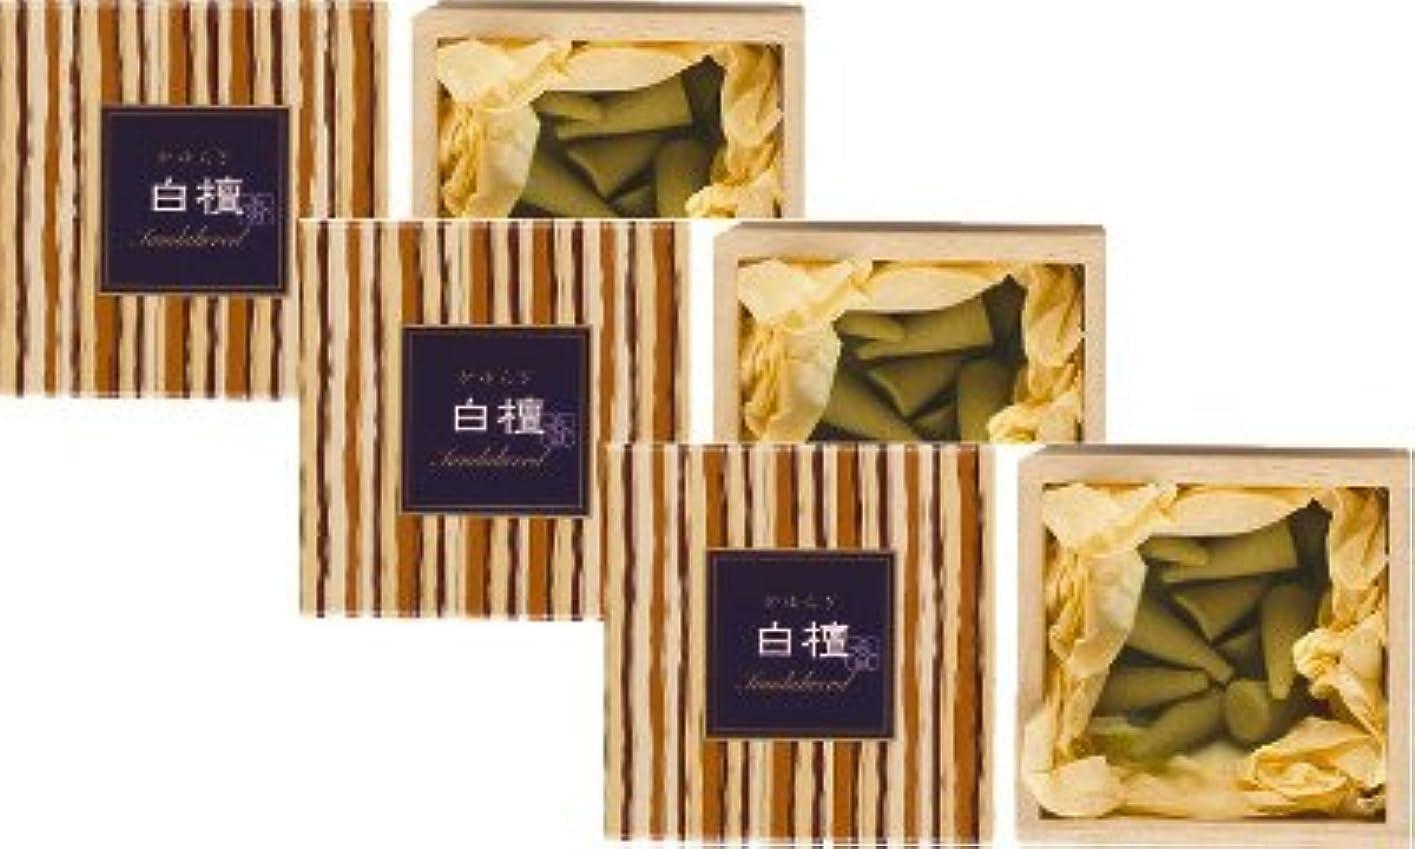 値作成するスーツ日本香堂 かゆらぎ 白檀 コーン型12個入 3箱セット